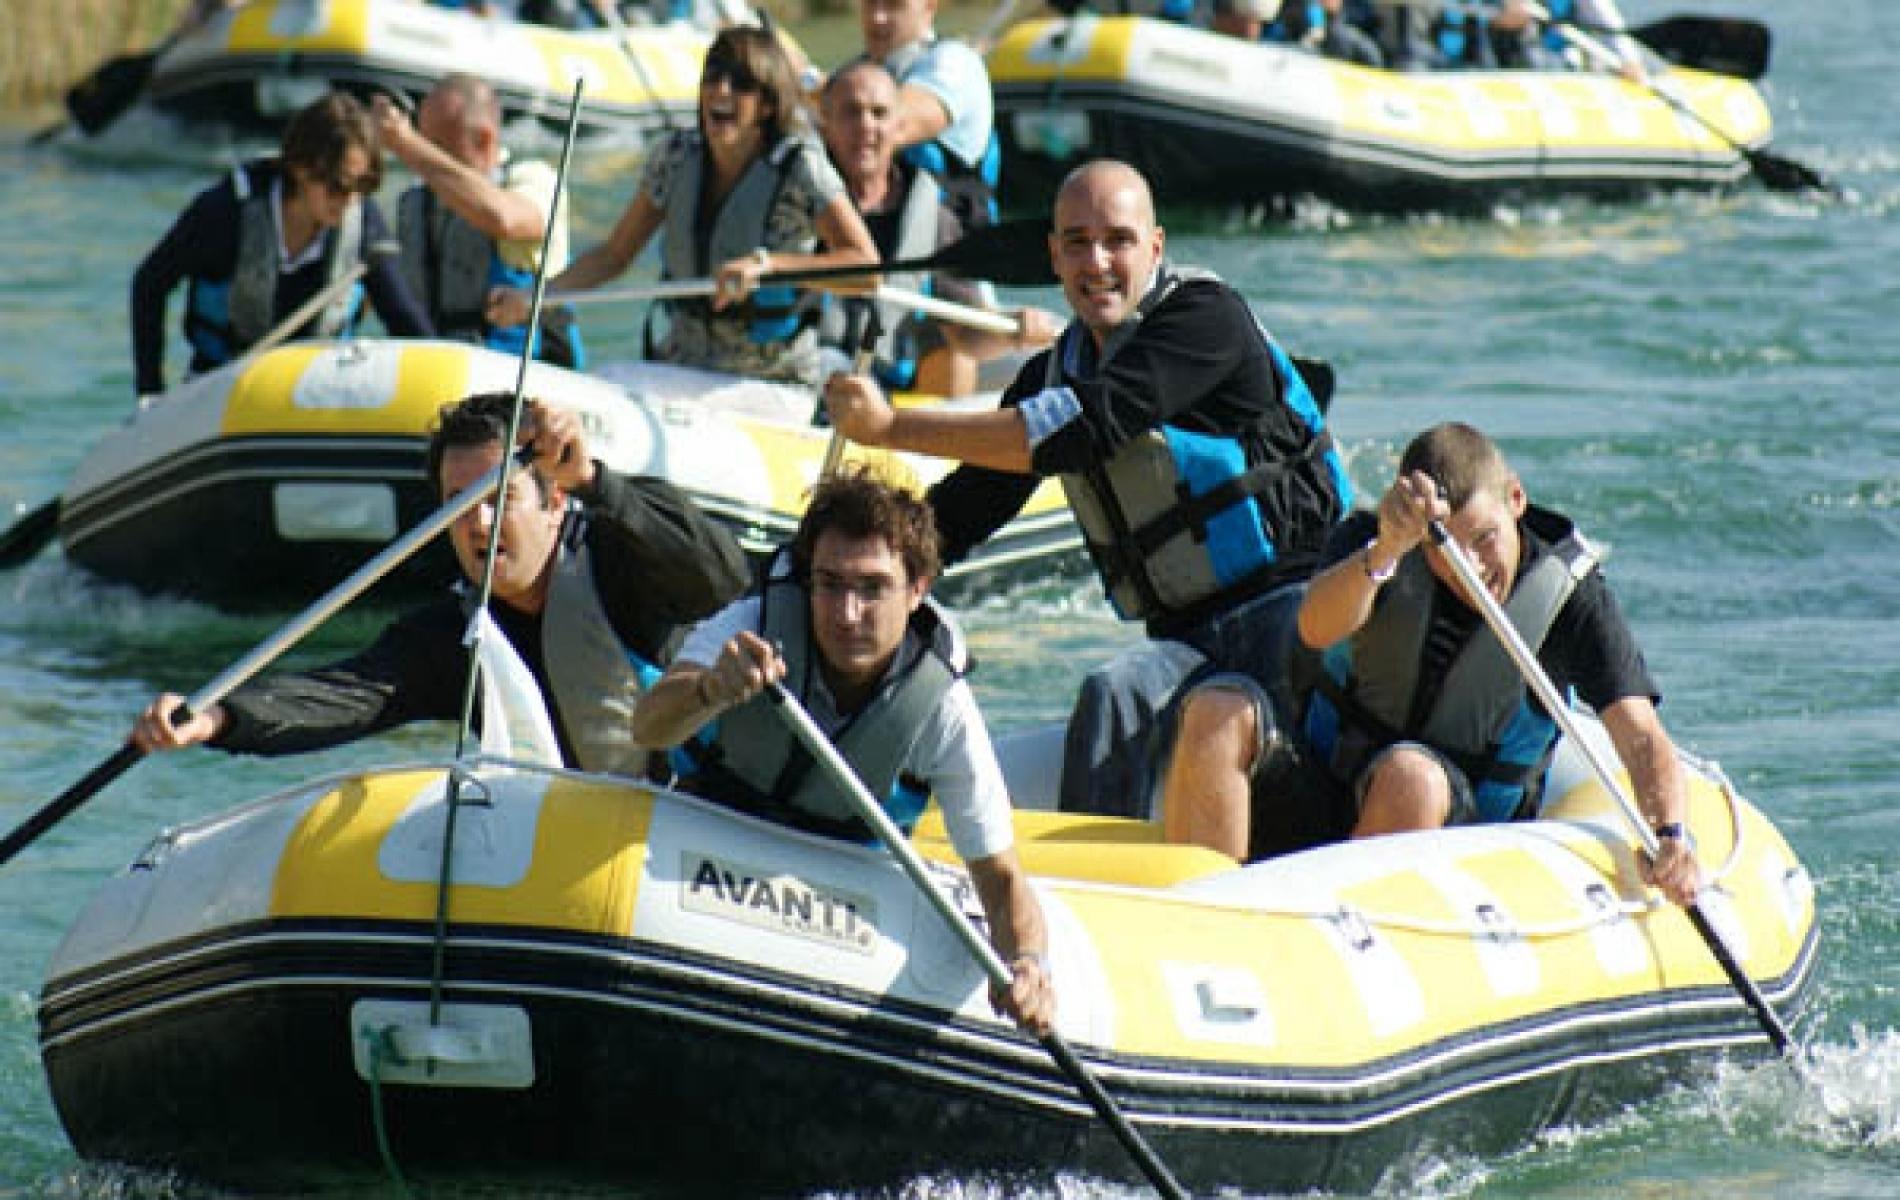 Activité kayak, esprit de cohésion à Deauville